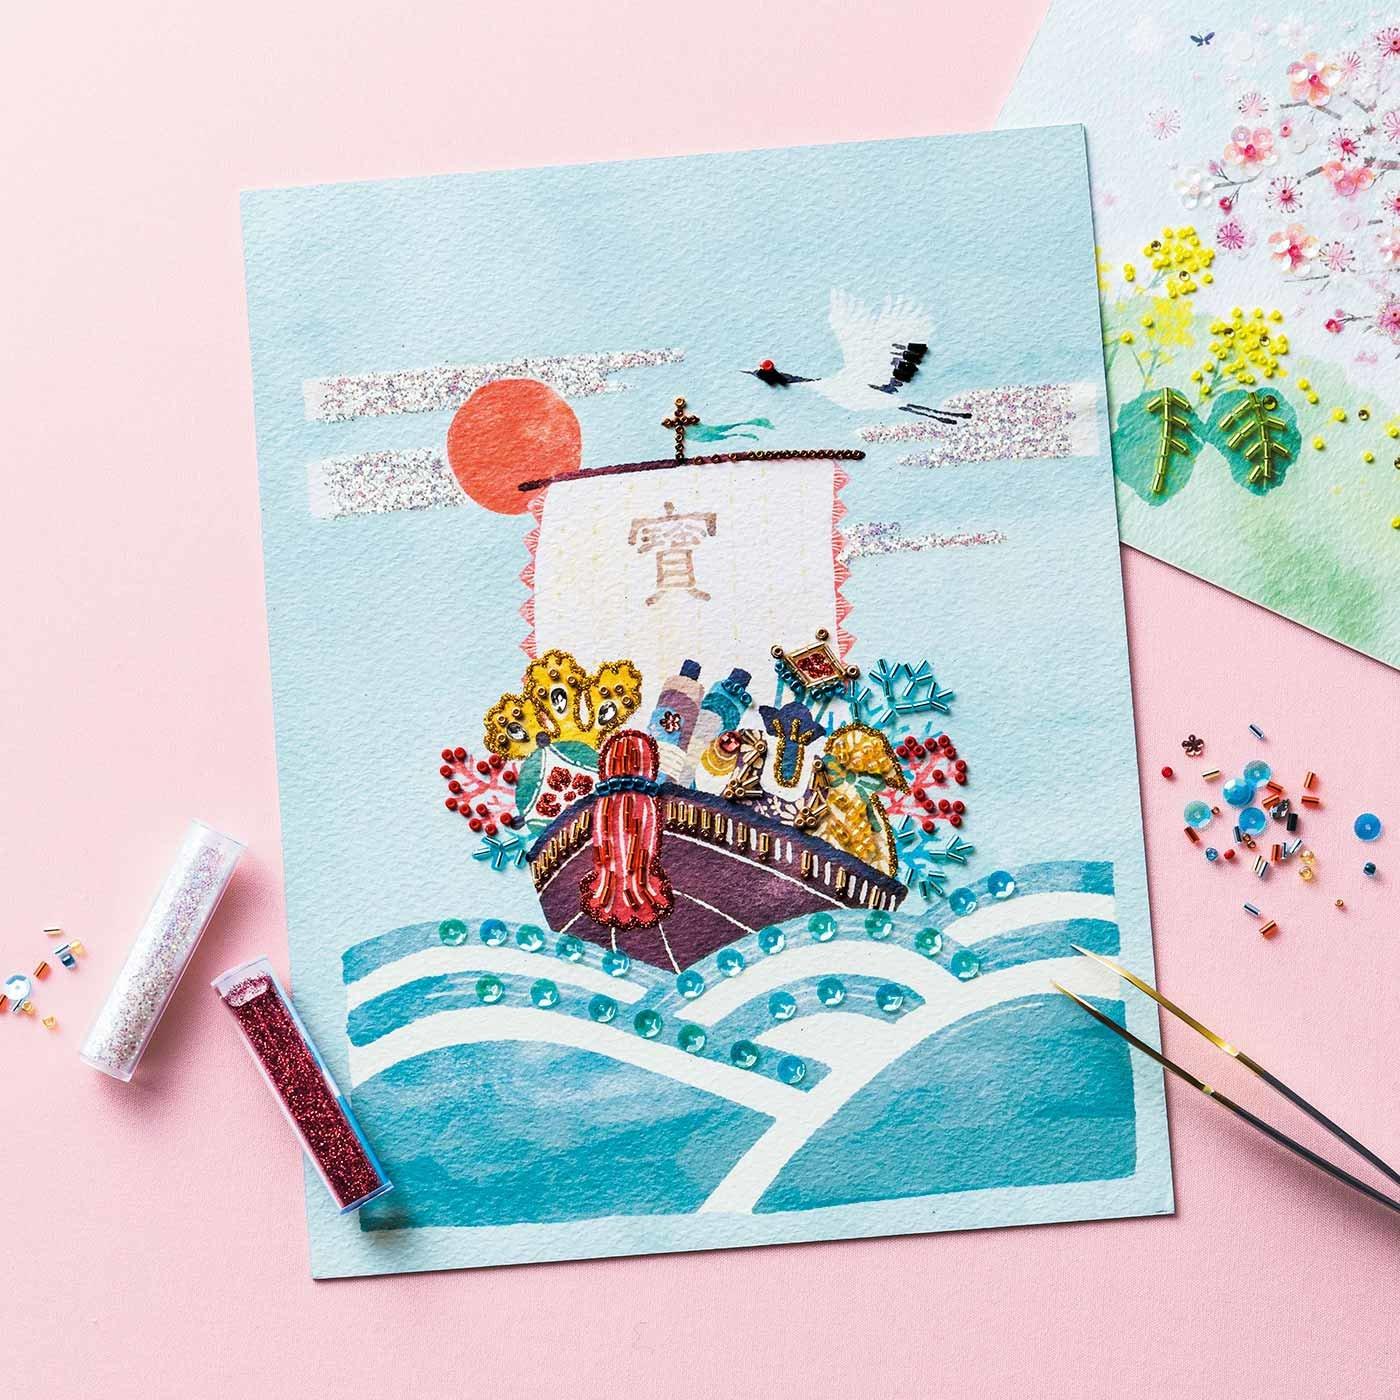 【クチュリエクラブ会員限定】季節を彩る 貼るだけのきらめくアート 12ヵ月のビーズデコール(R)の会 (期間予約)